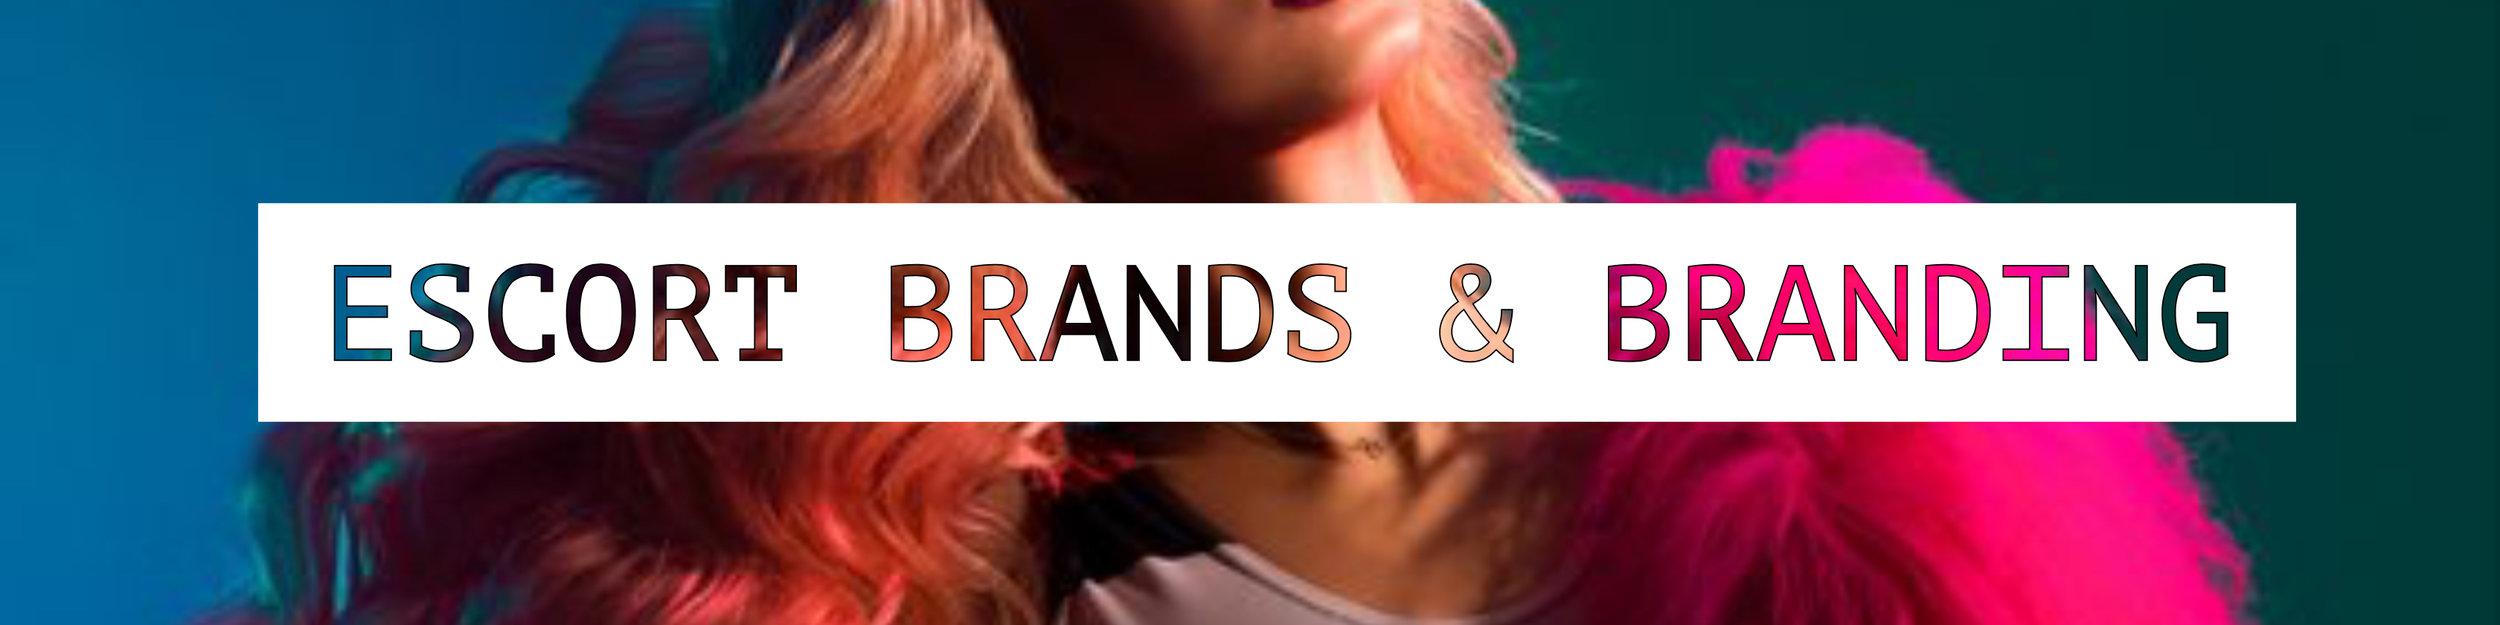 Escort-brand-workshop